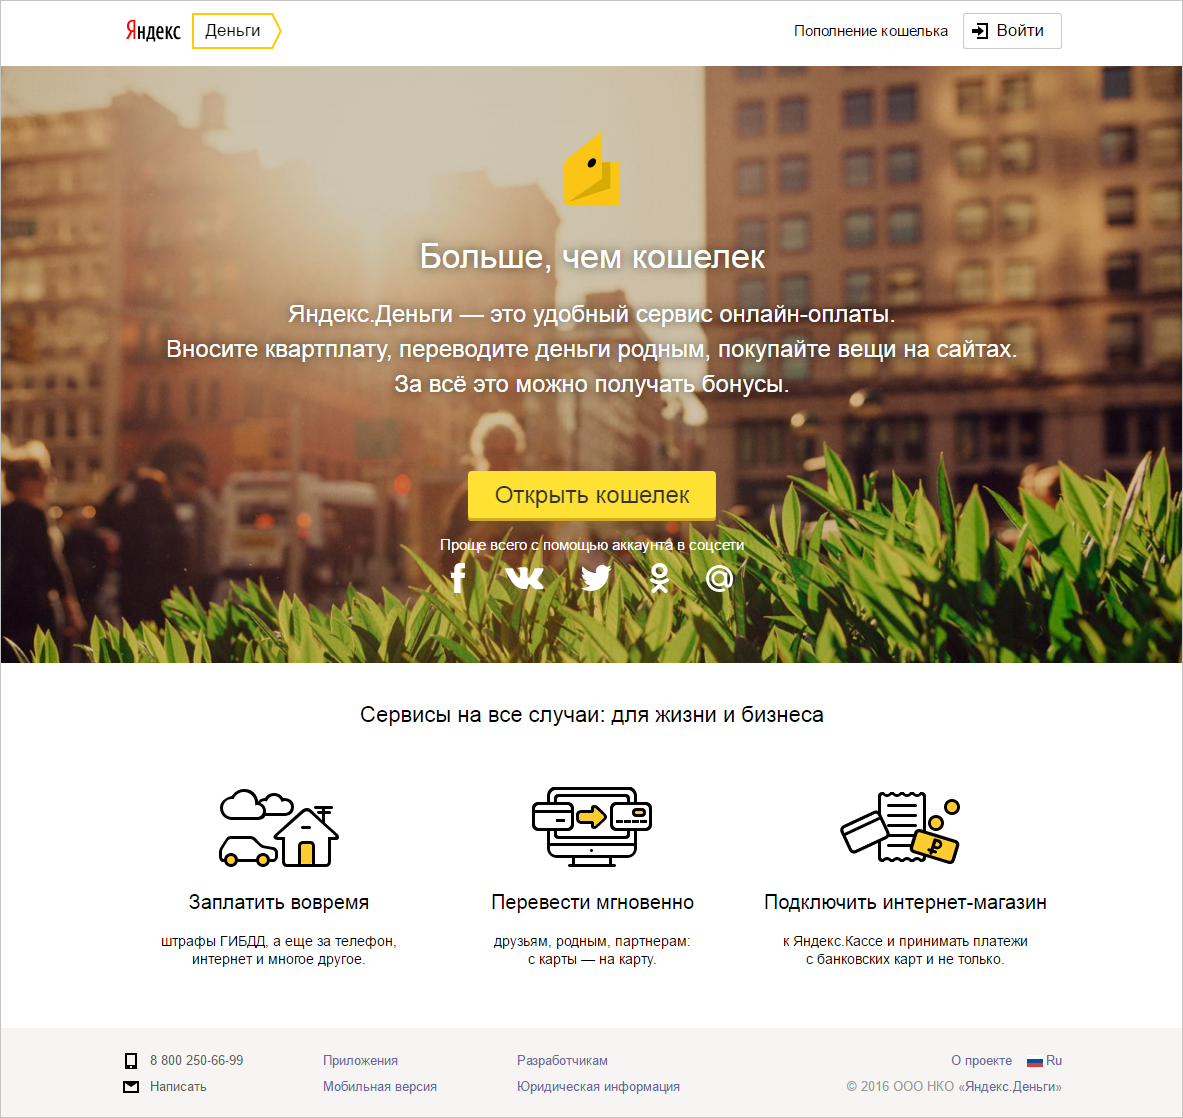 Дружелюбный дизайн и миллион новых пользователей: год экспериментов в Яндекс.Деньгах - 5